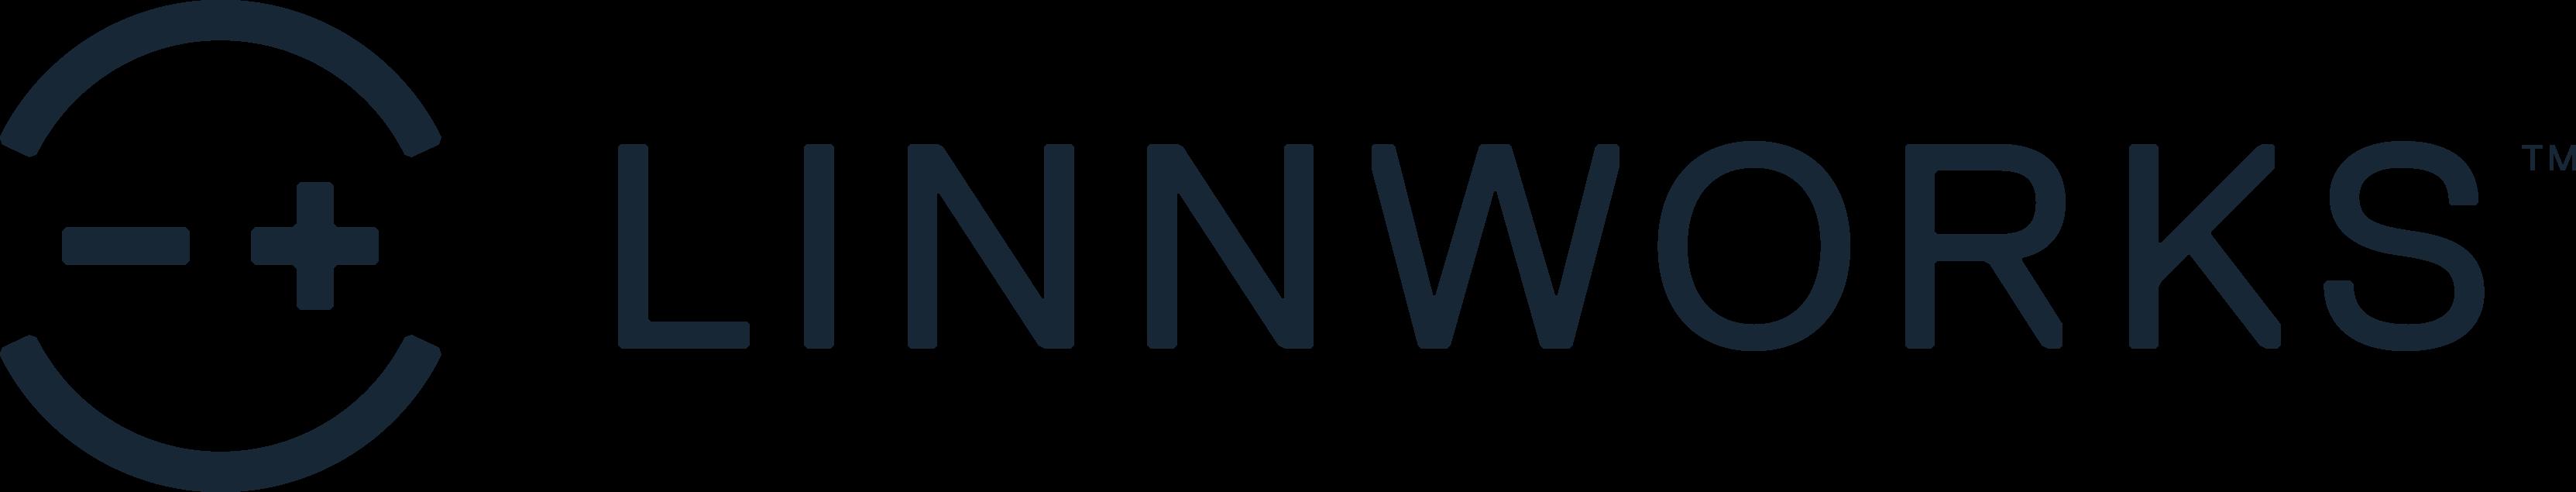 Linnworks Pricing, Alternatives & More 2021 - Capterra